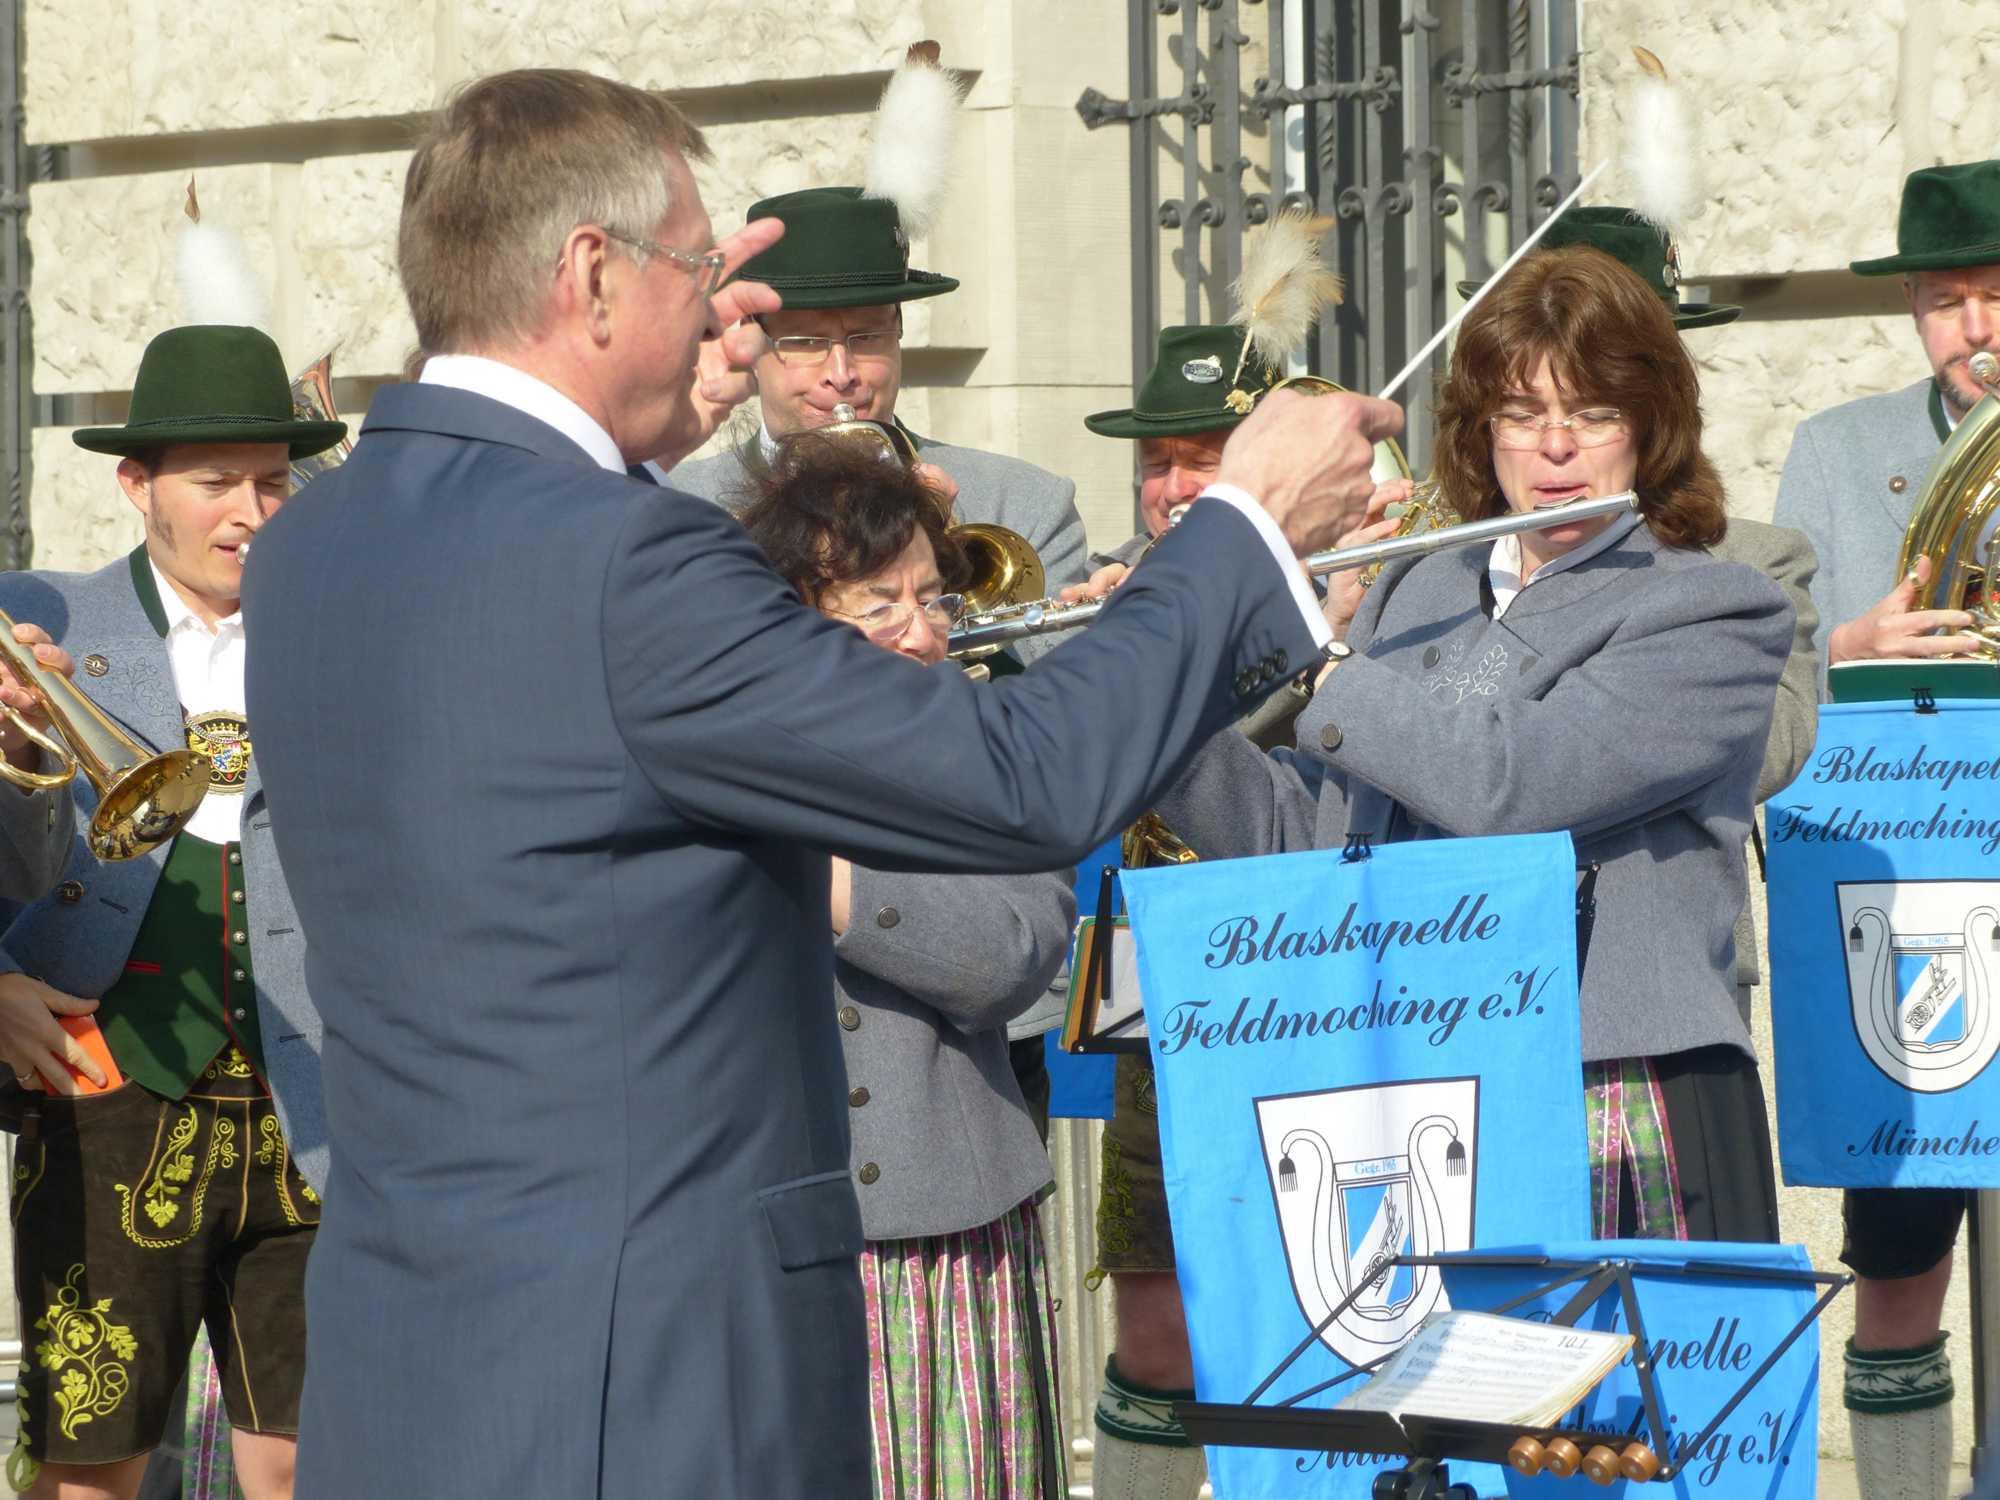 Bundestagsvizepräsident Johannes Singhammer dirigiert die Blaskapelle beim Standkonzert